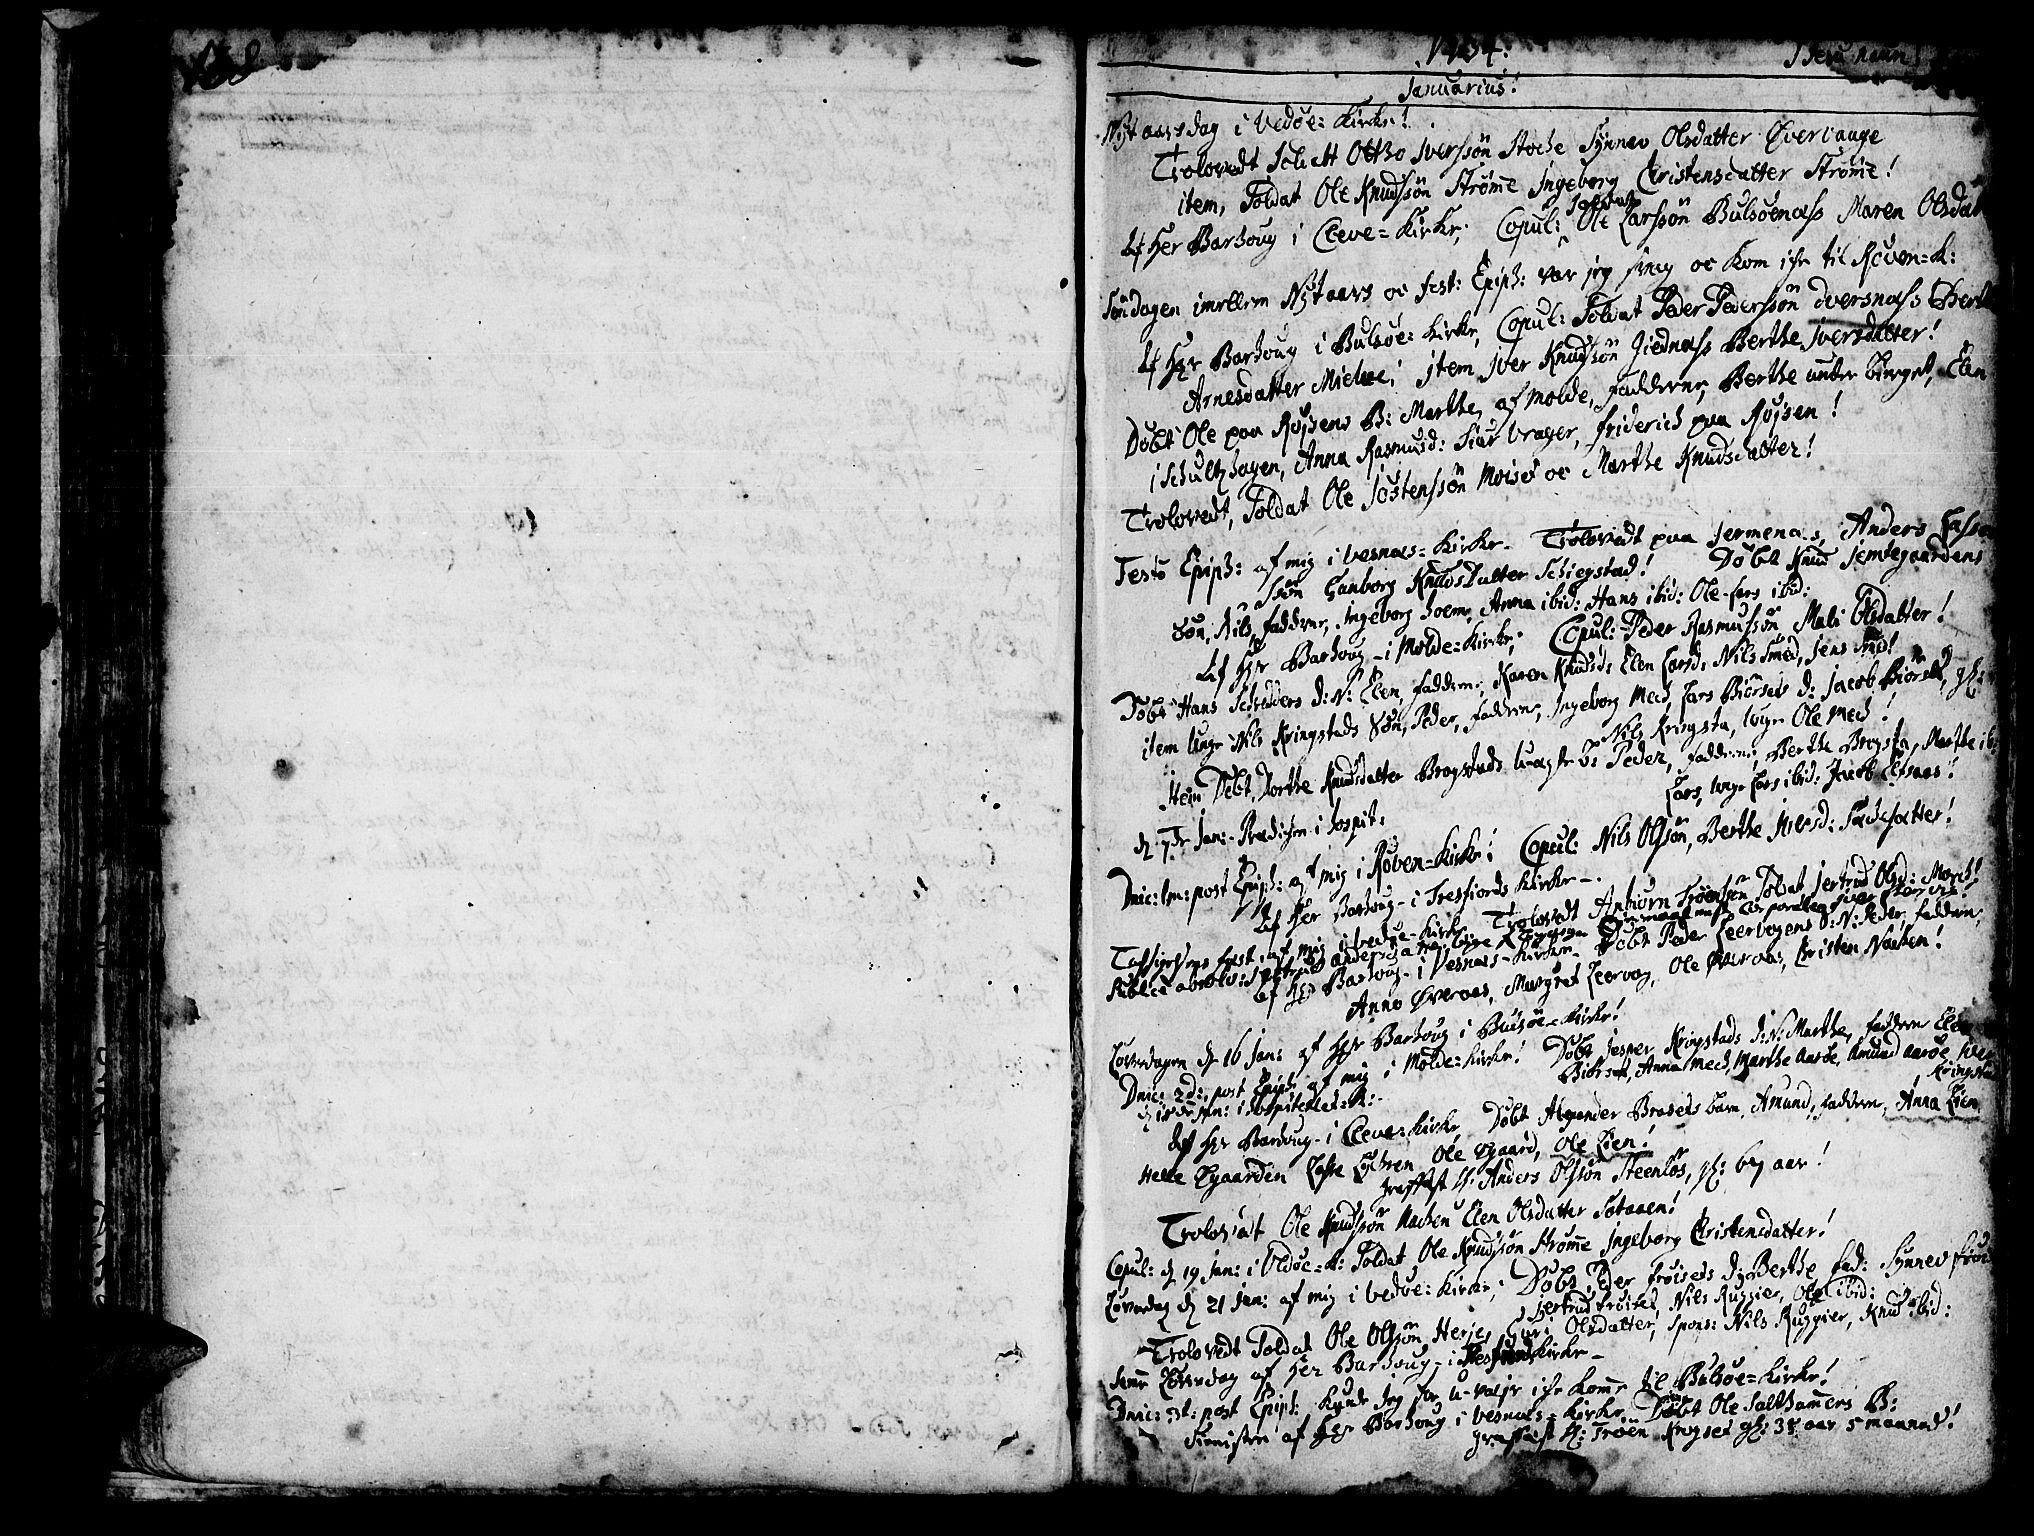 SAT, Ministerialprotokoller, klokkerbøker og fødselsregistre - Møre og Romsdal, 547/L0599: Ministerialbok nr. 547A01, 1721-1764, s. 140-141